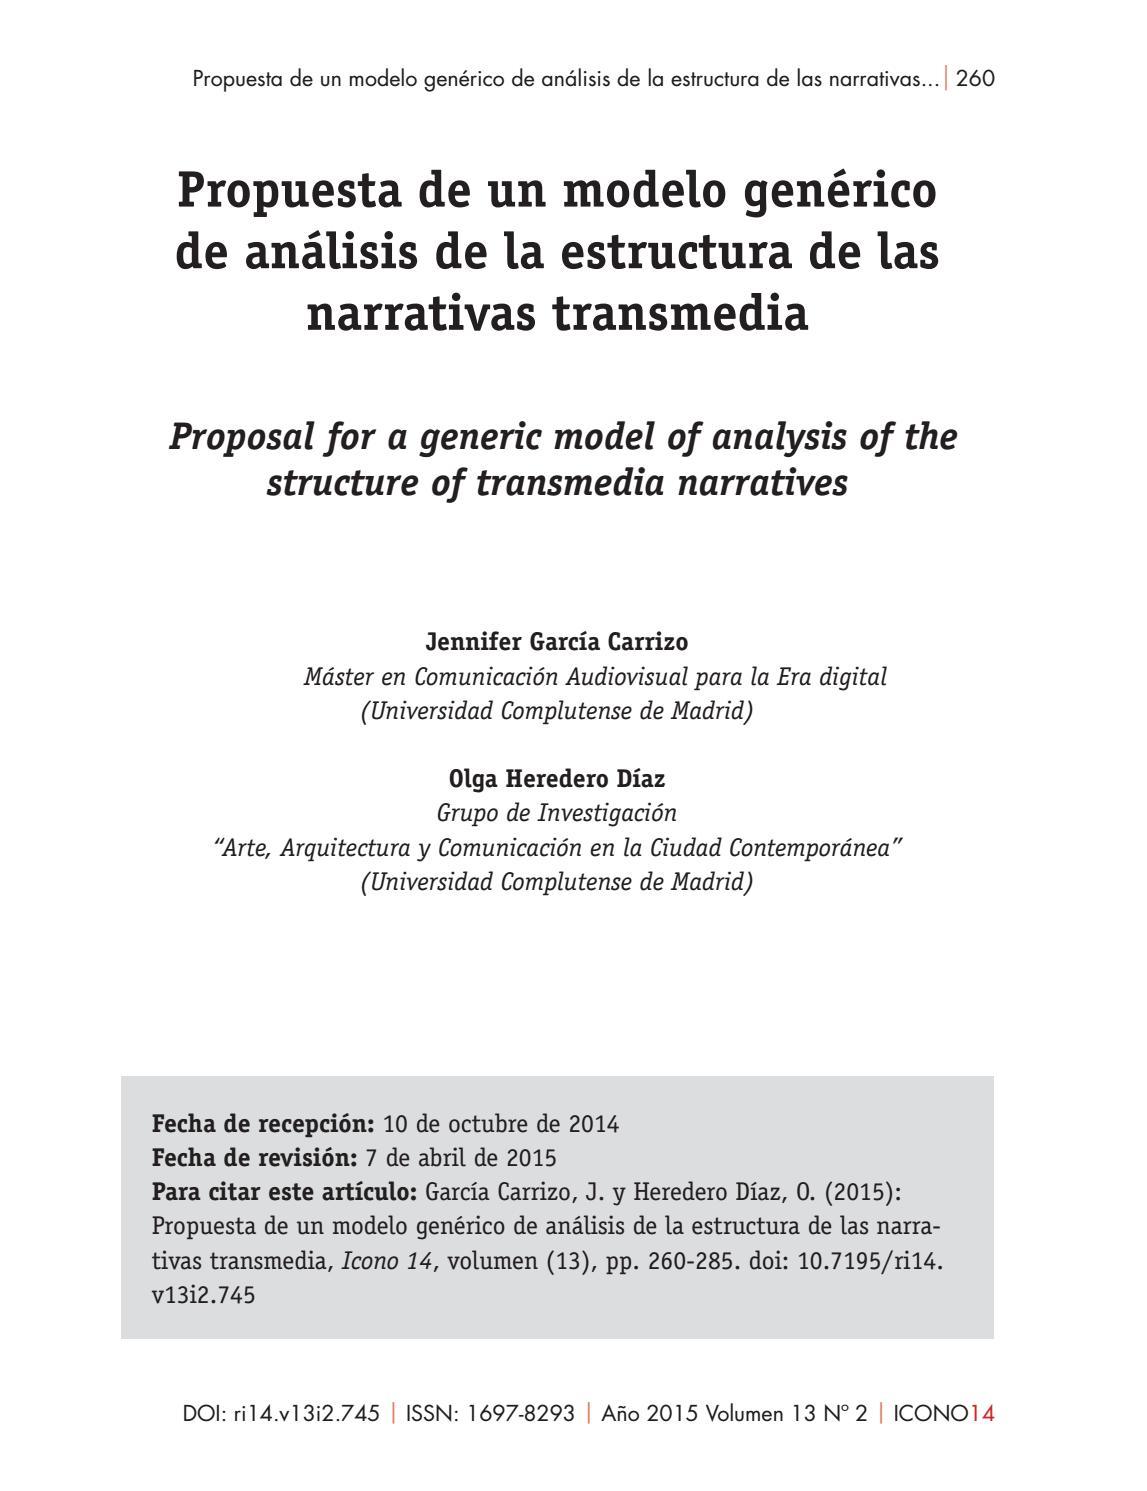 Propuesta De Un Modelo Genérico De Análisis De La Estructura